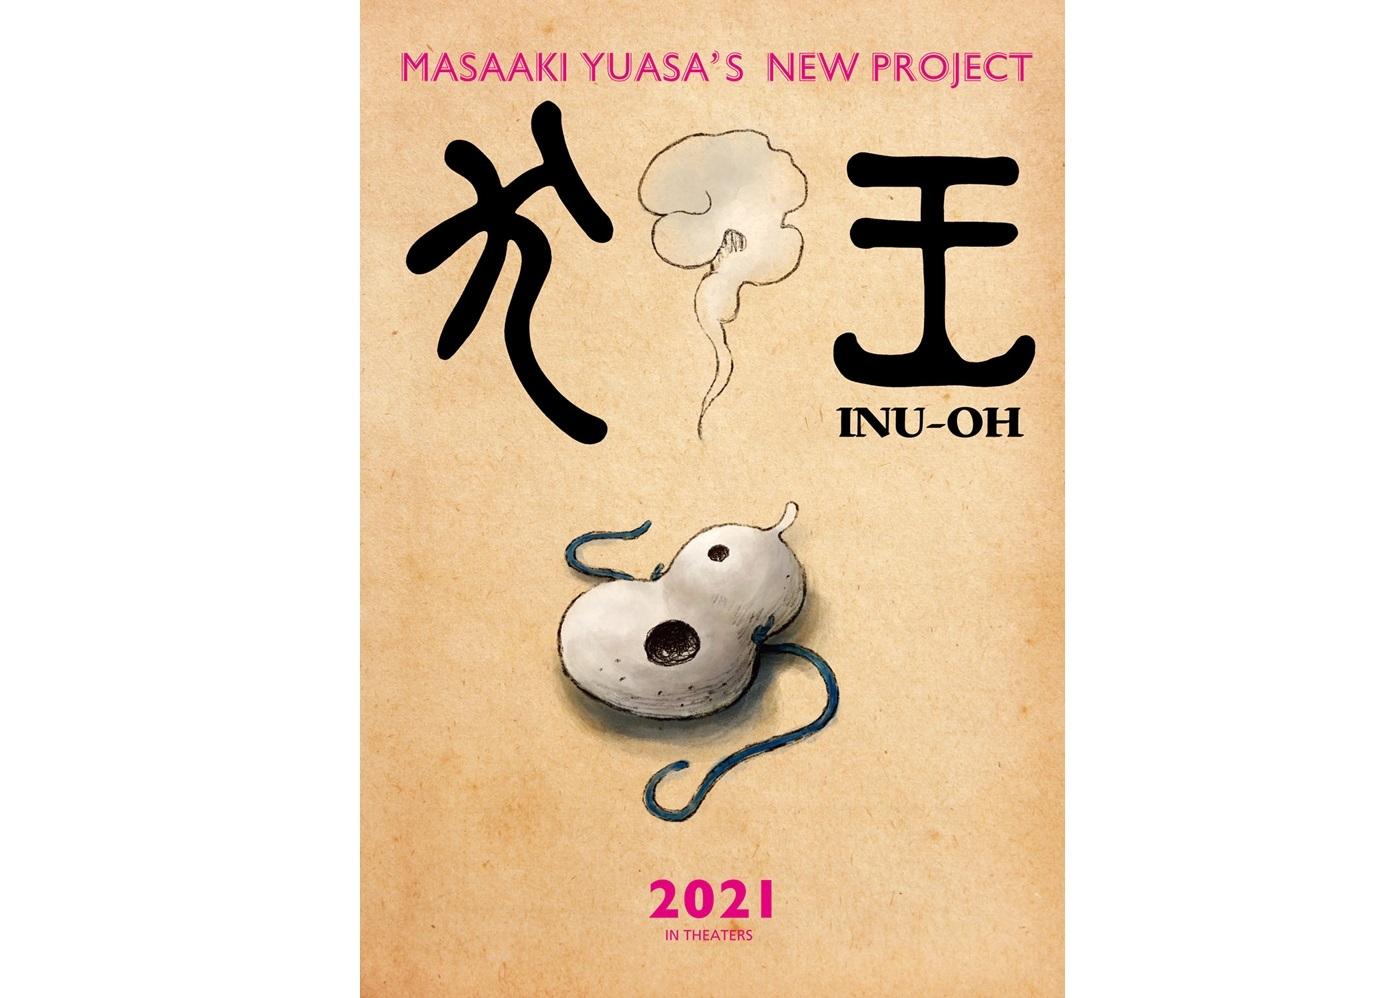 湯浅政明ら豪華スタッフによる長編アニメーション『犬王』2021年公開